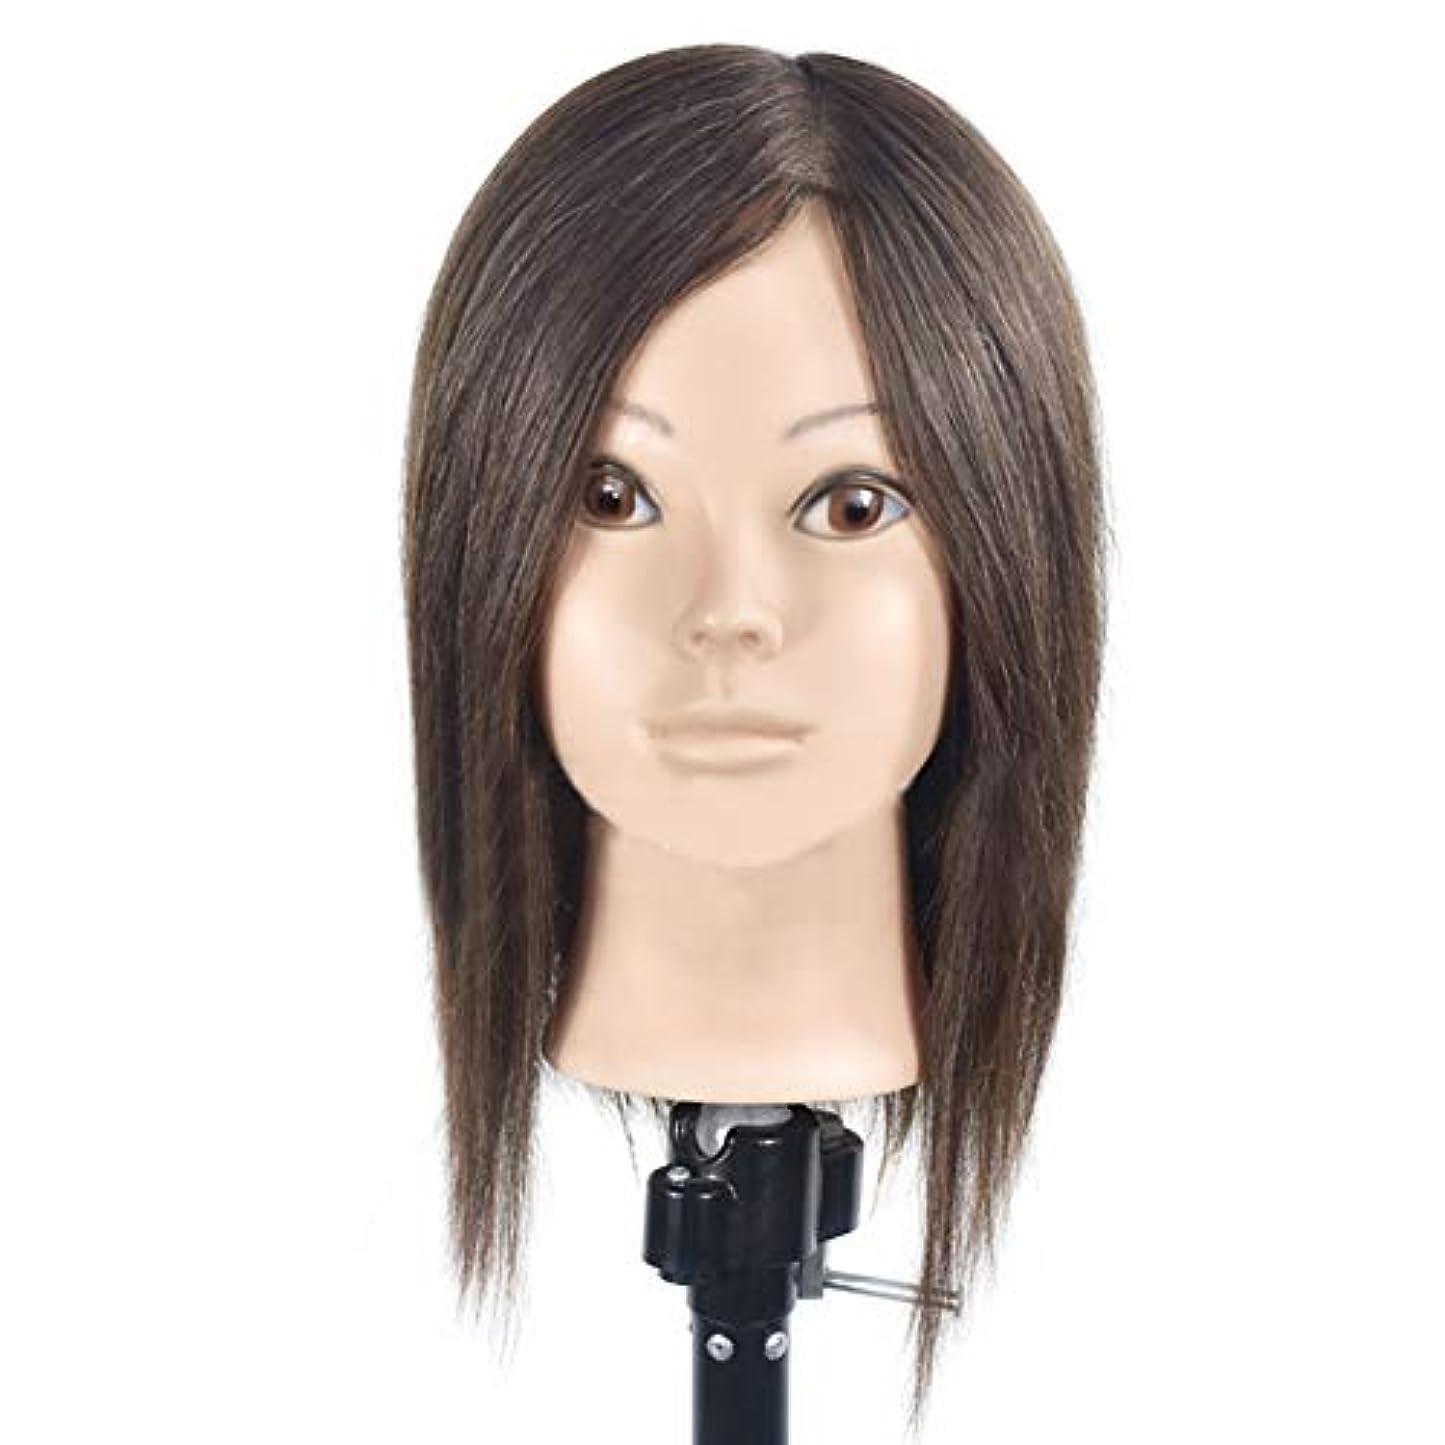 あまりにも教育学皮本物の人間の髪のかつらの頭の金型の理髪の髪型のスタイリングマネキンの頭の理髪店の練習の練習ダミーヘッド